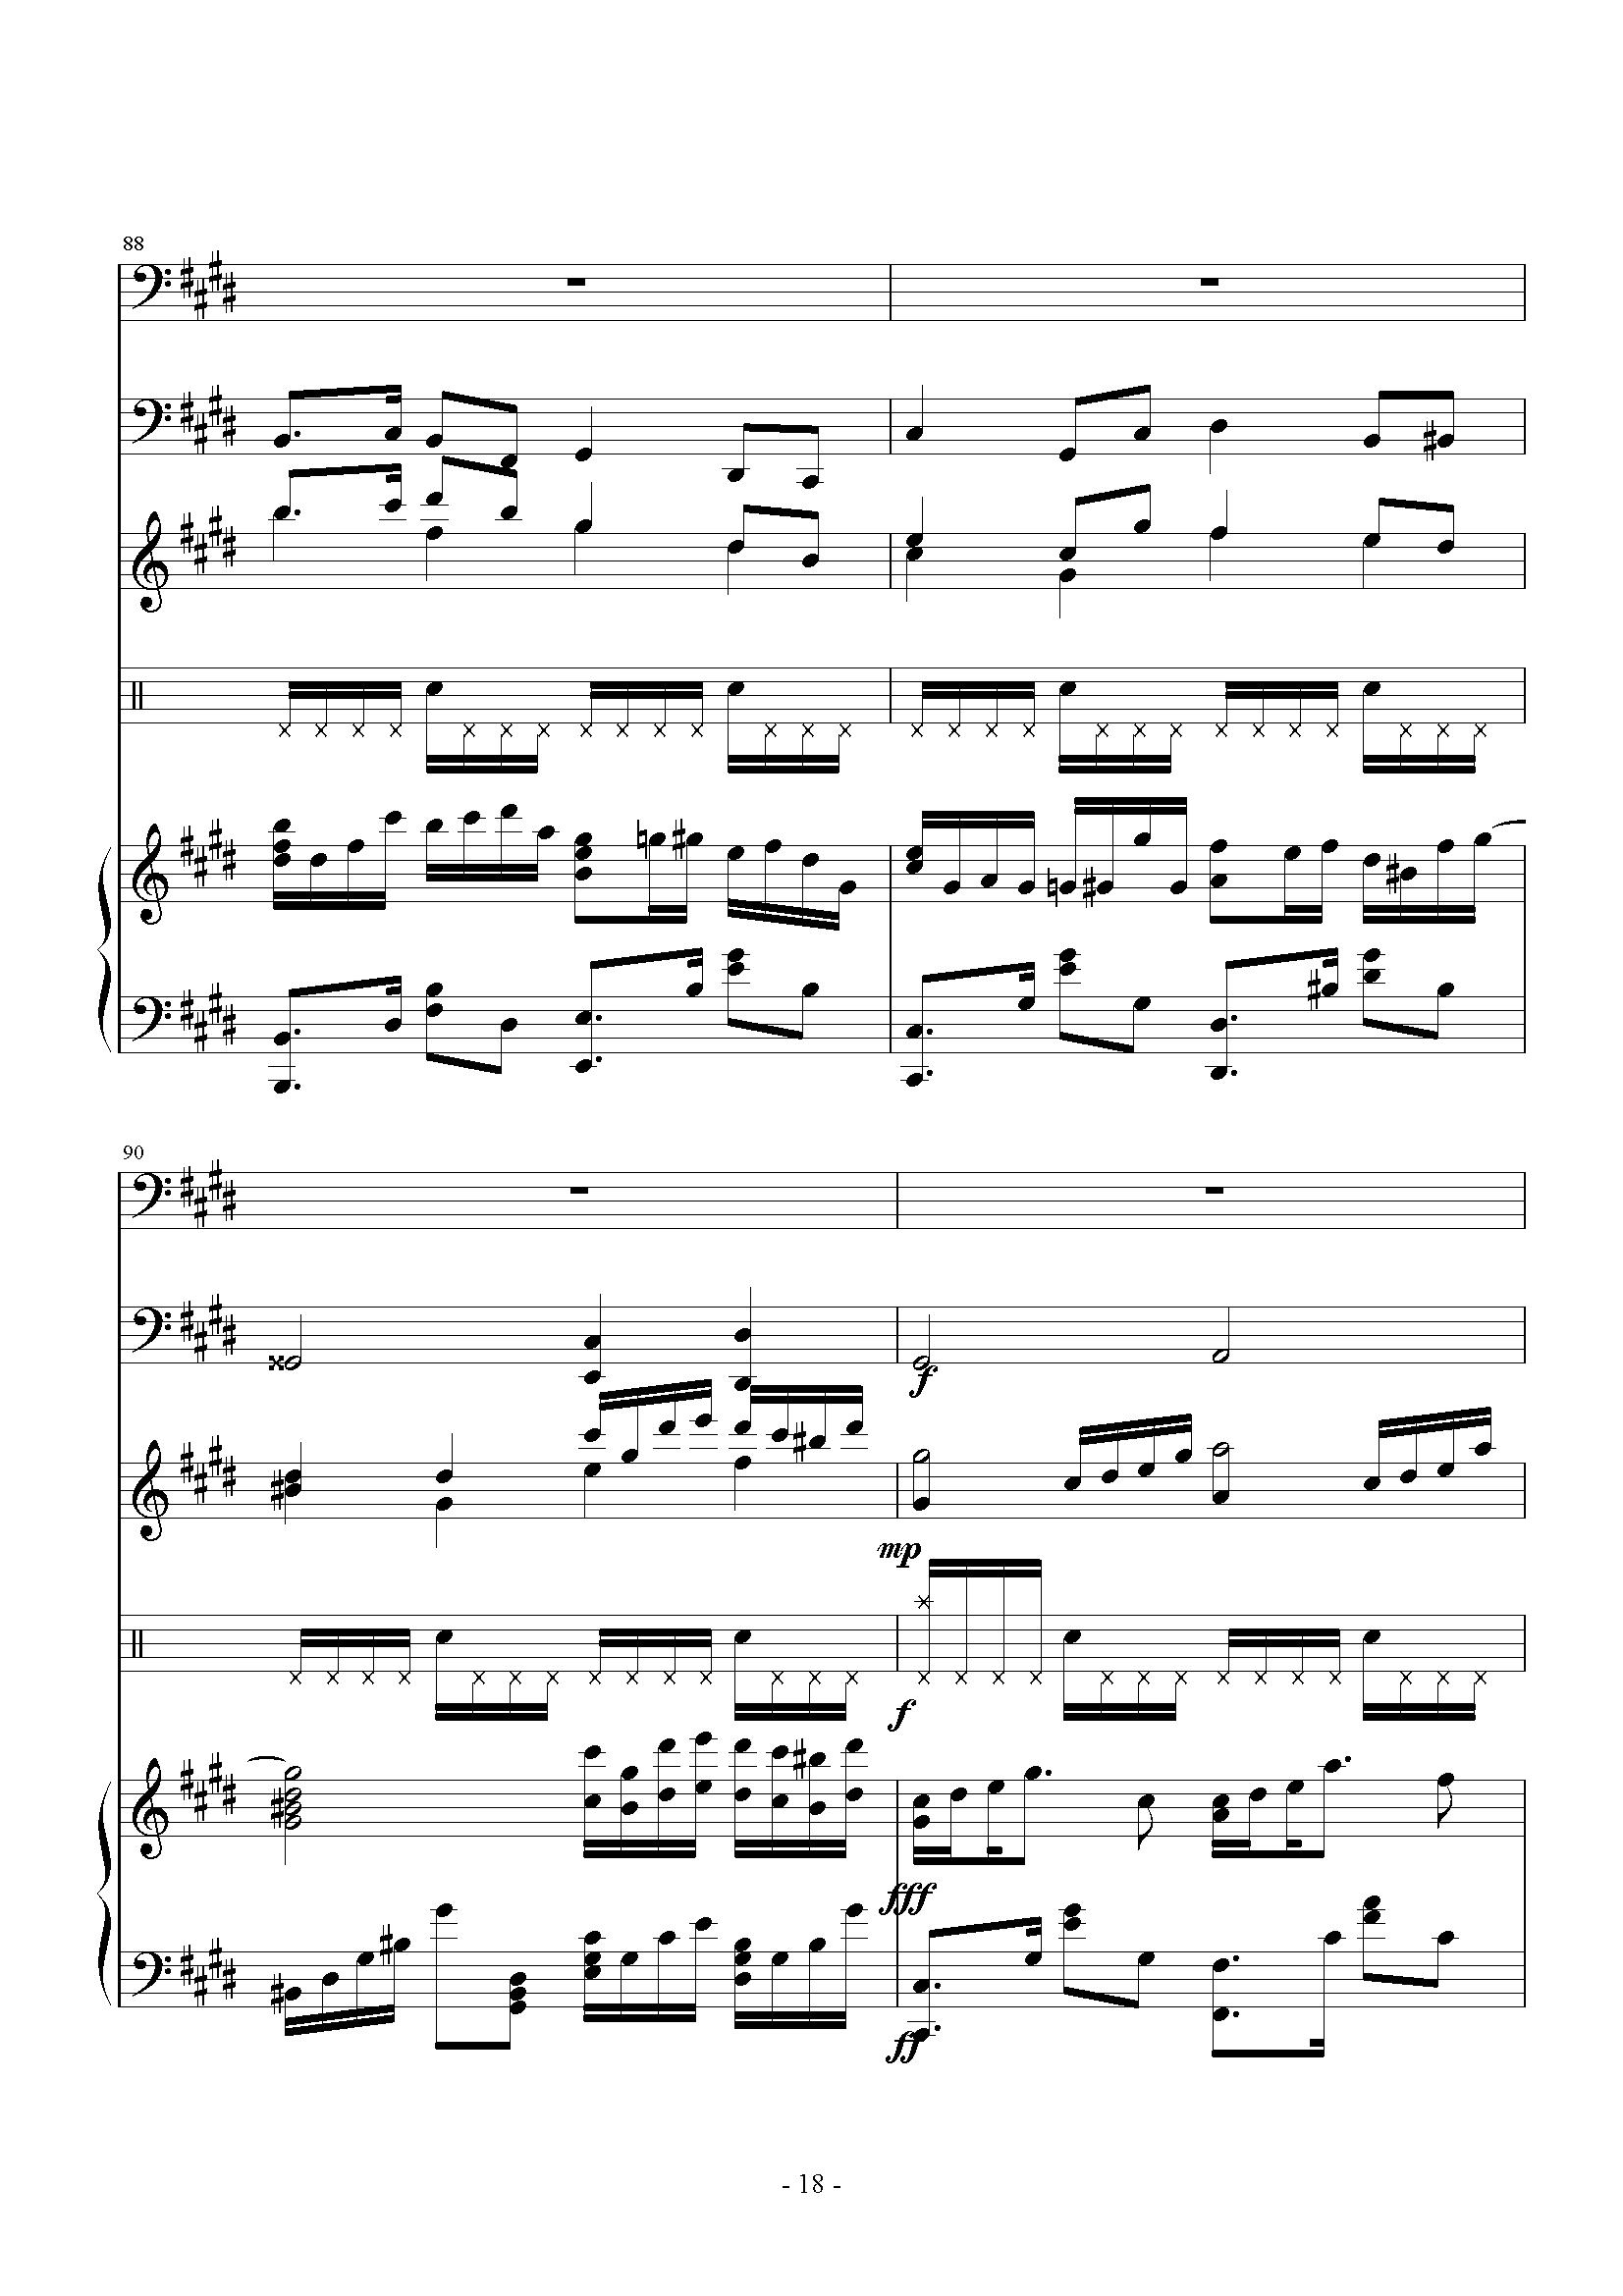 褪色的夏天钢琴谱 第18页